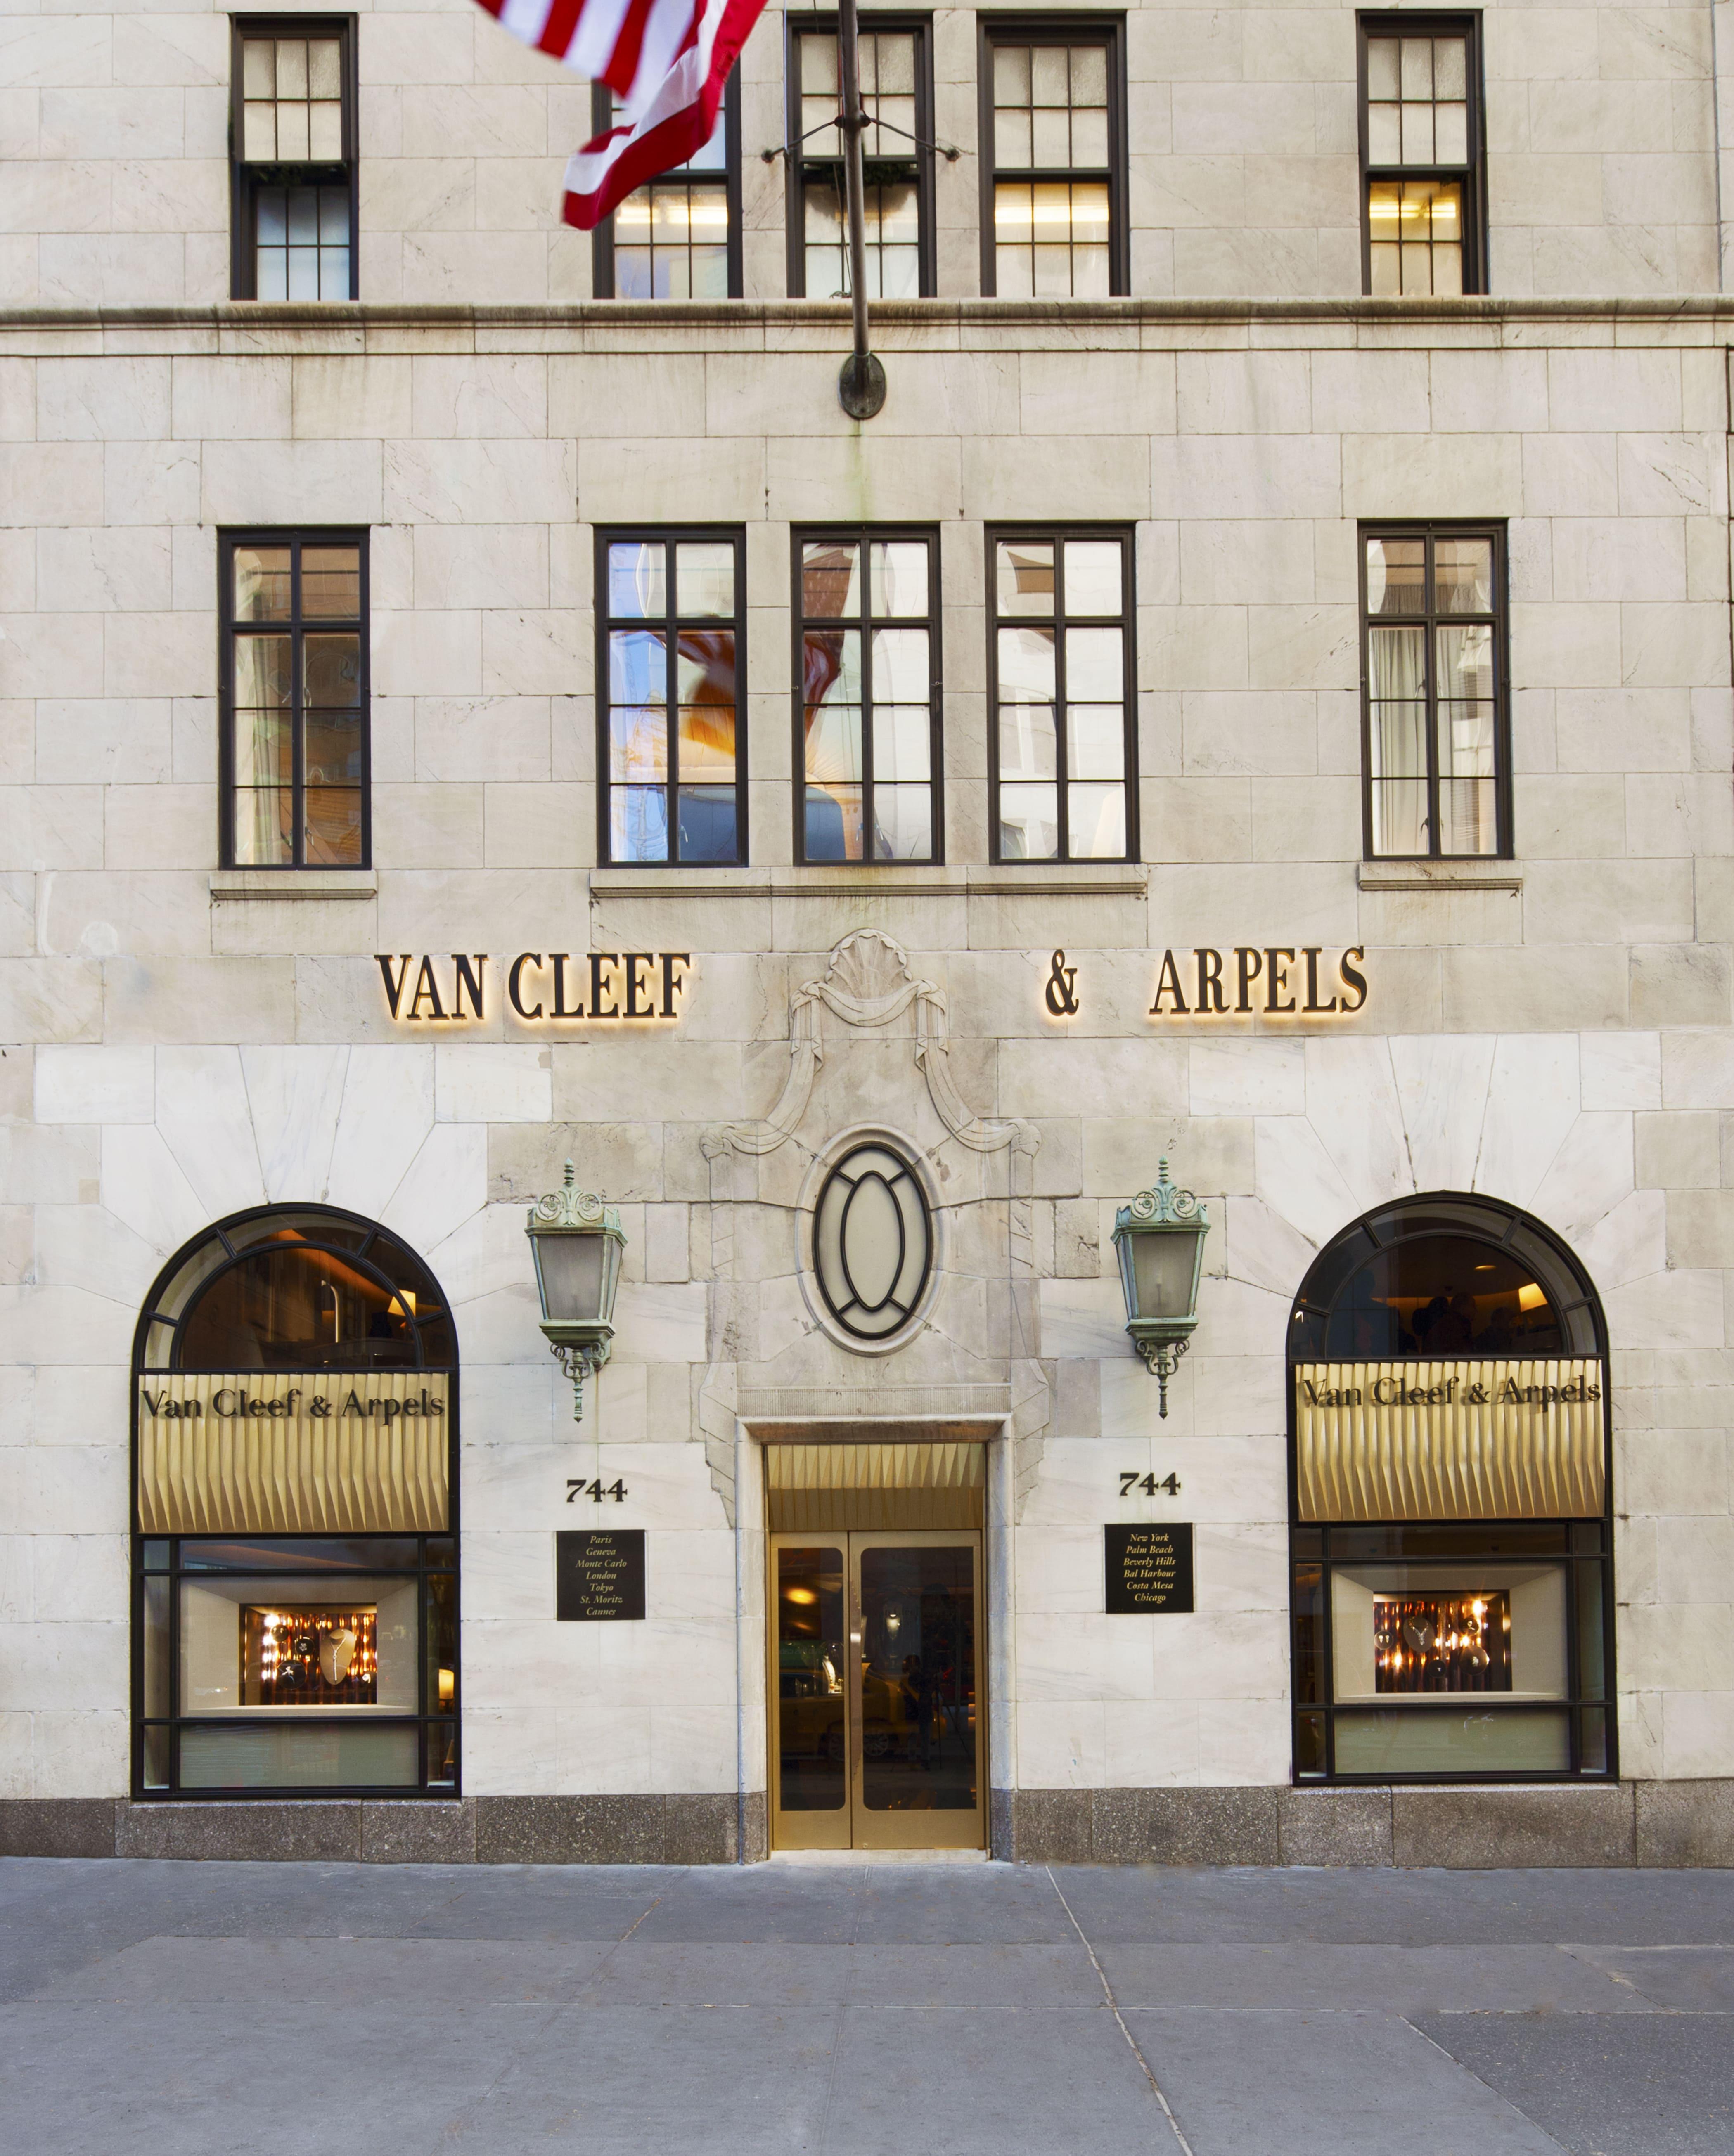 Van Cleef & Arpels Exterior